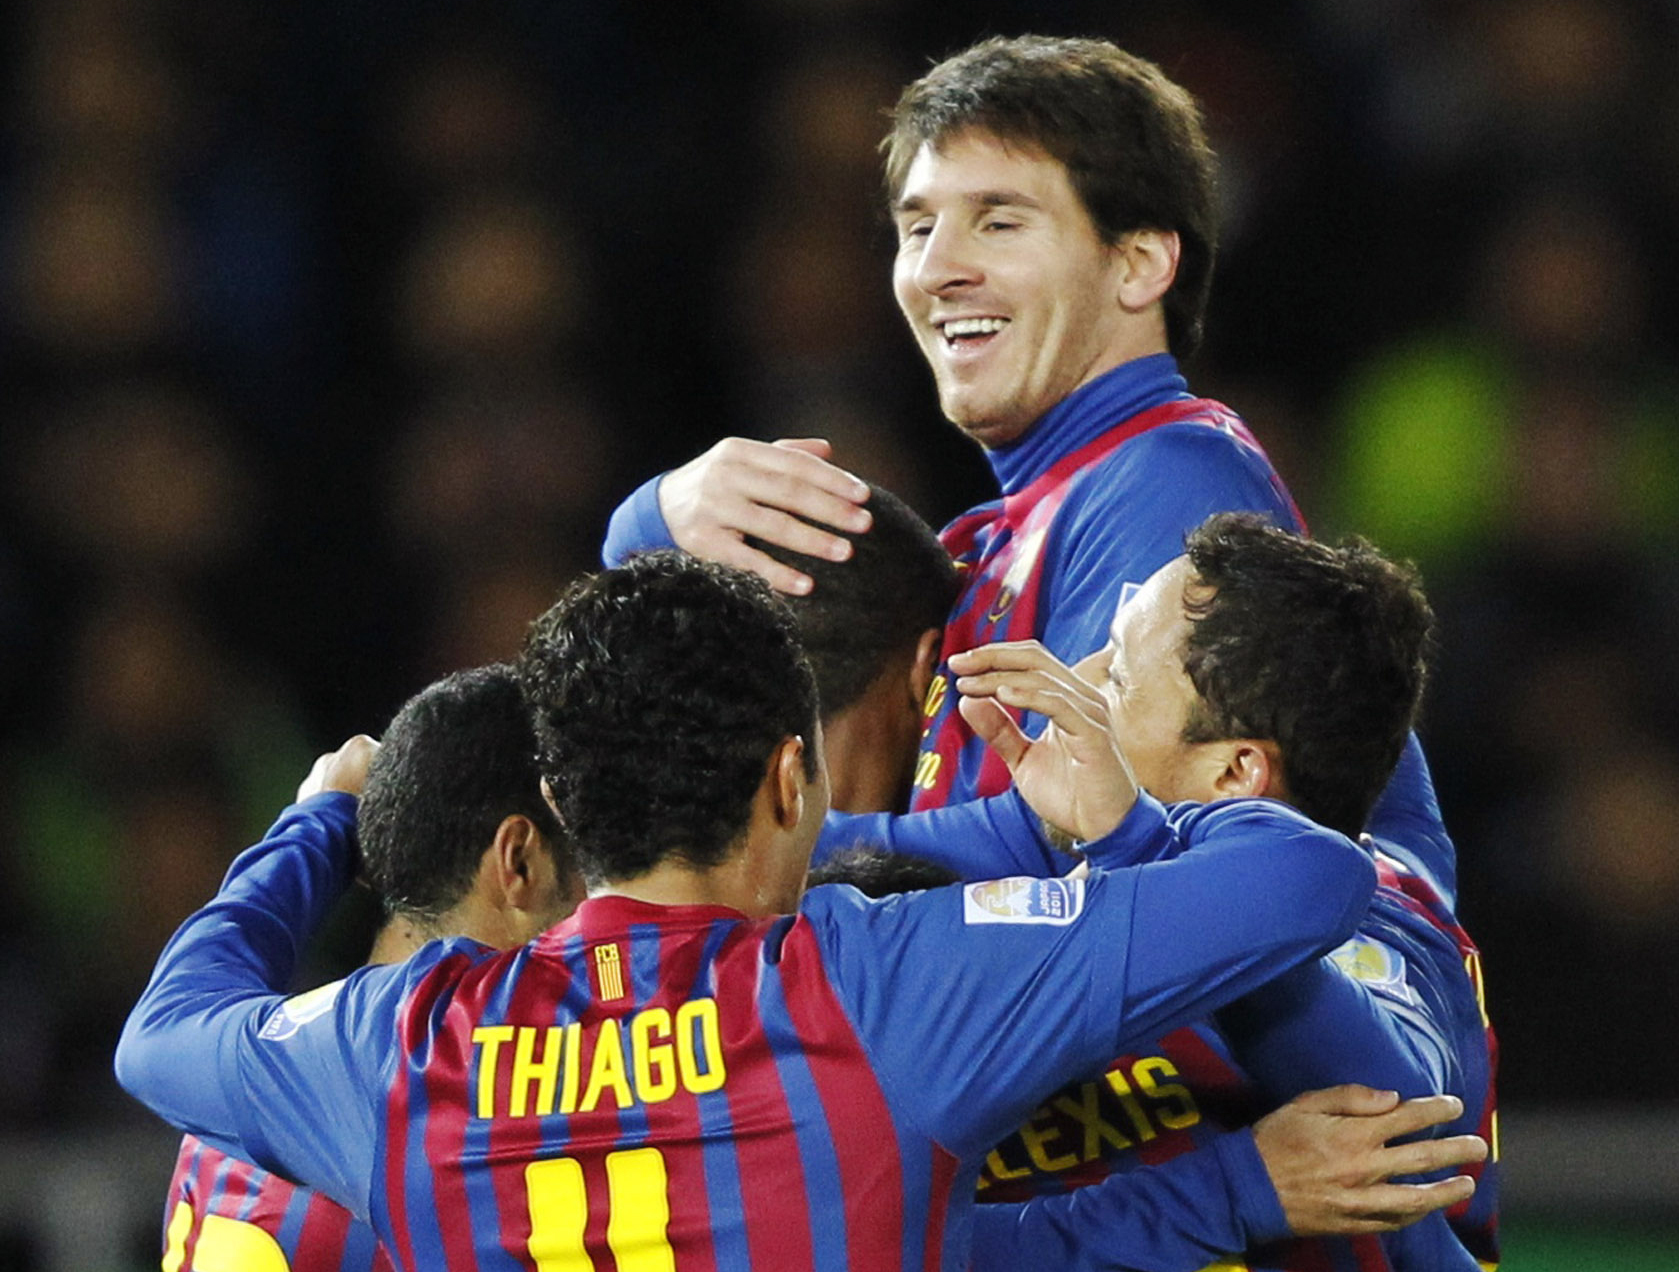 La coupe du monde des clubs 2011 football - La coupe du monde des clubs ...